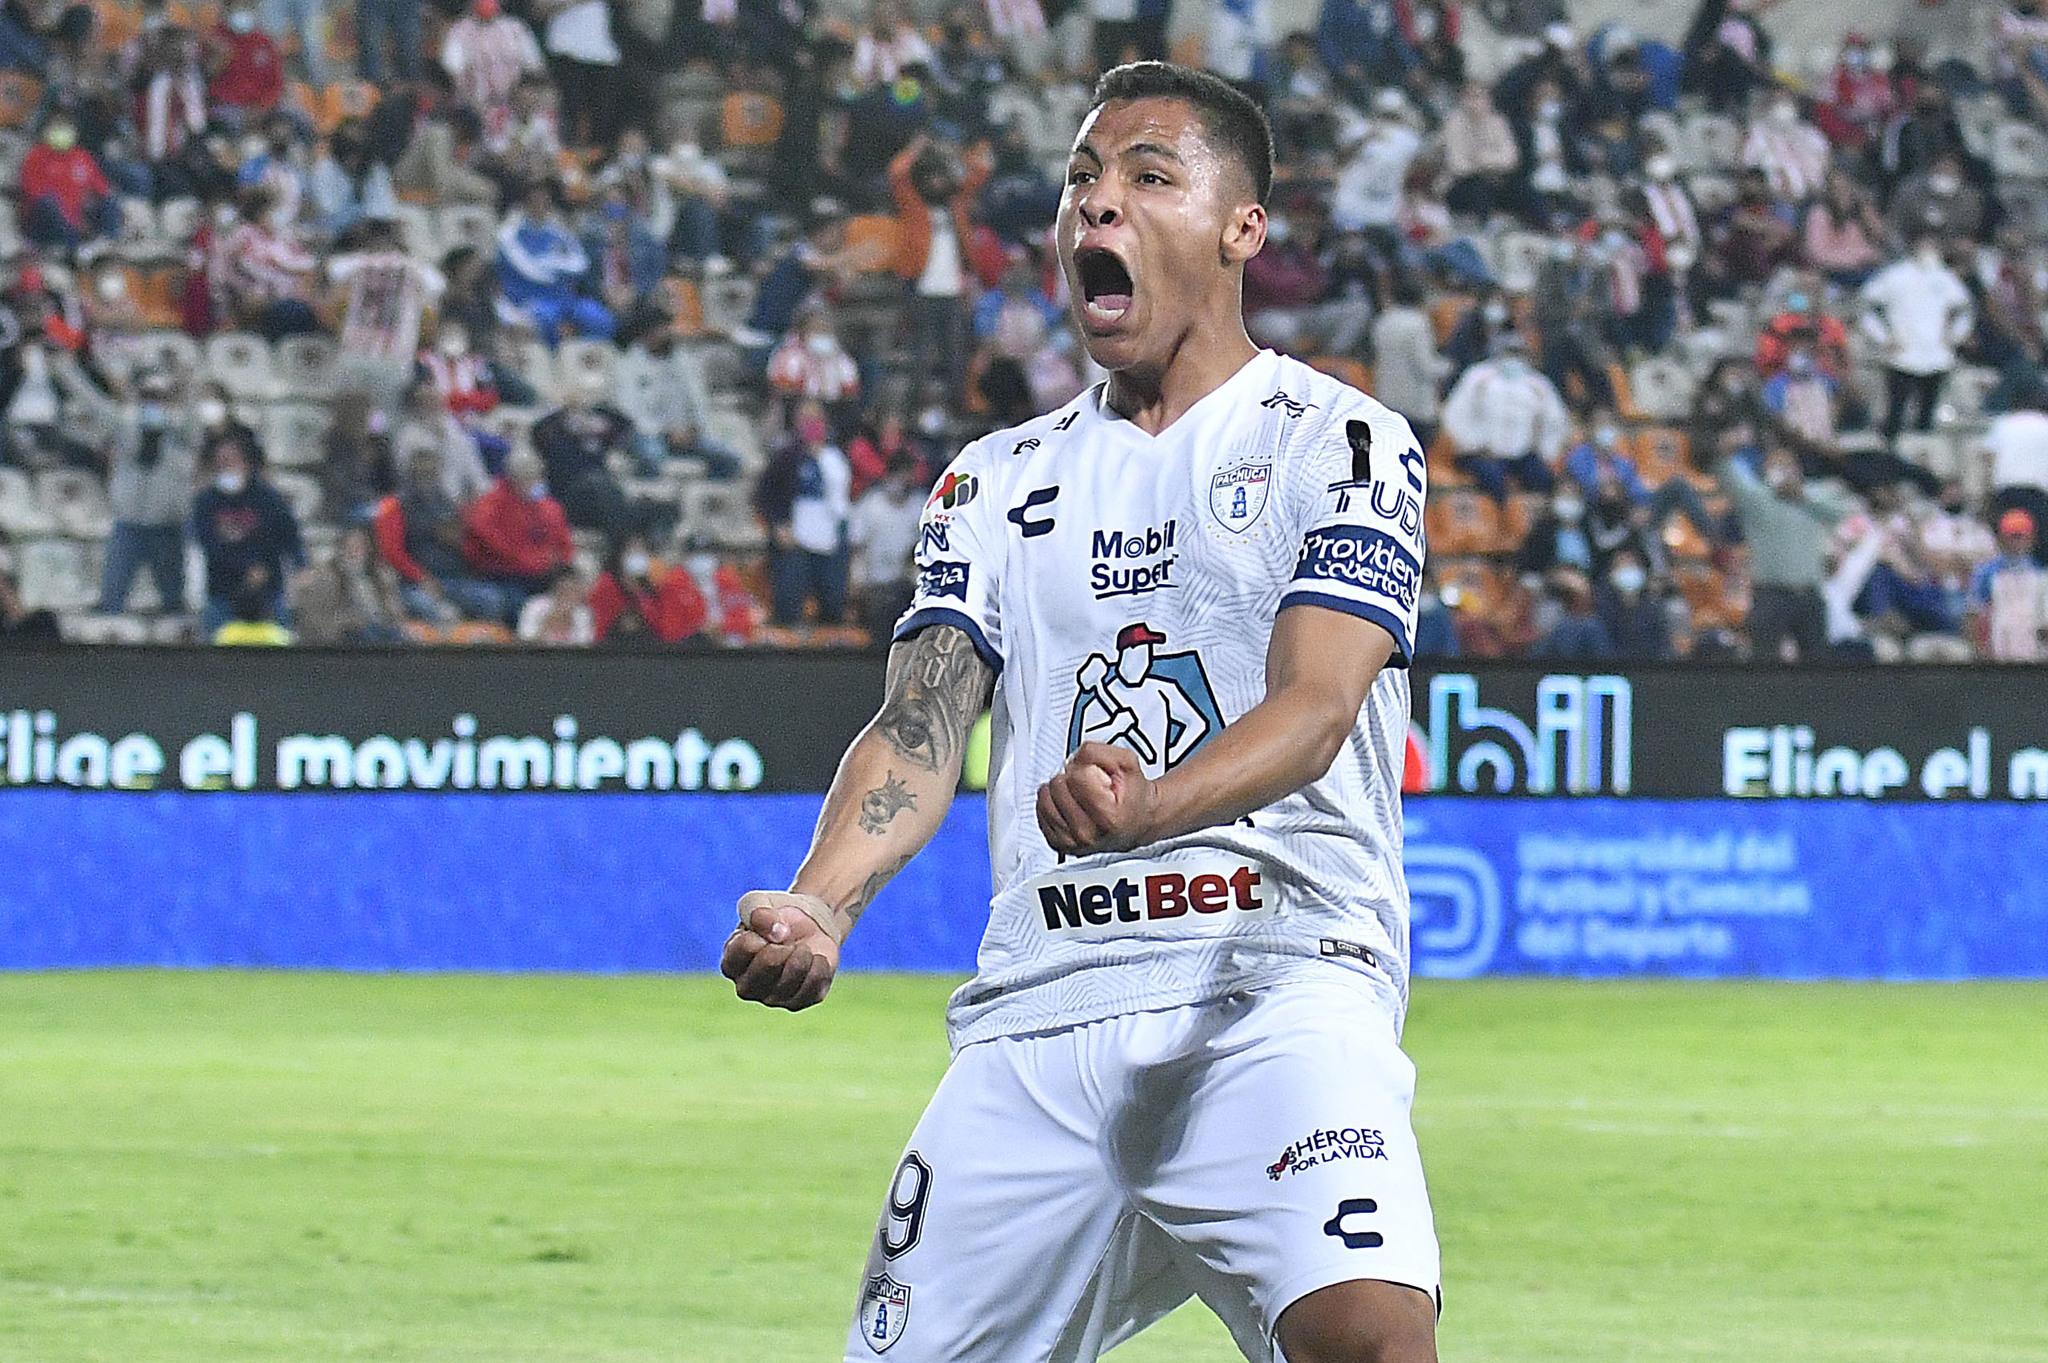 Roberto de la Rosa anotó dos goles para la causa hidalguense